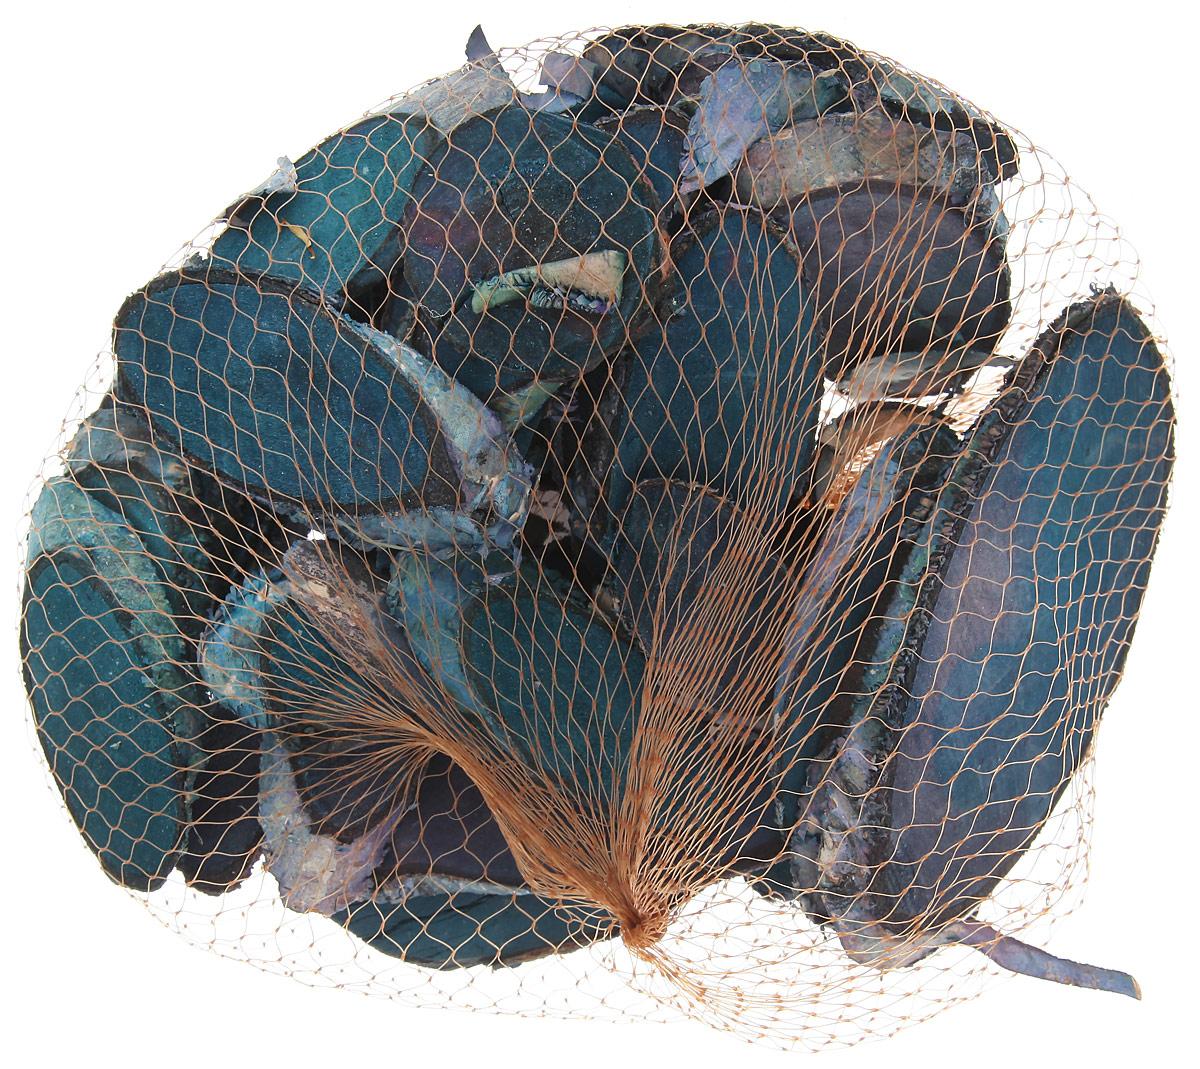 Декоративный элемент Dongjiang Art Срез ветки, цвет: синий, толщина 7 мм, 250 г7708981_синийДекоративный элемент Dongjiang Art Срез ветки изготовлен из дерева. Изделие предназначено для декорирования. Срез может пригодиться во флористике и многом другом. Декоративный элемент представляет собой тонкий срез ветки. Флористика - вид декоративно-прикладного искусства, который использует живые, засушенные или консервированные природные материалы для создания флористических работ. Это целый мир, в котором есть место и строгому математическому расчету, и вдохновению, полету фантазии. Толщина среза: 7 мм.